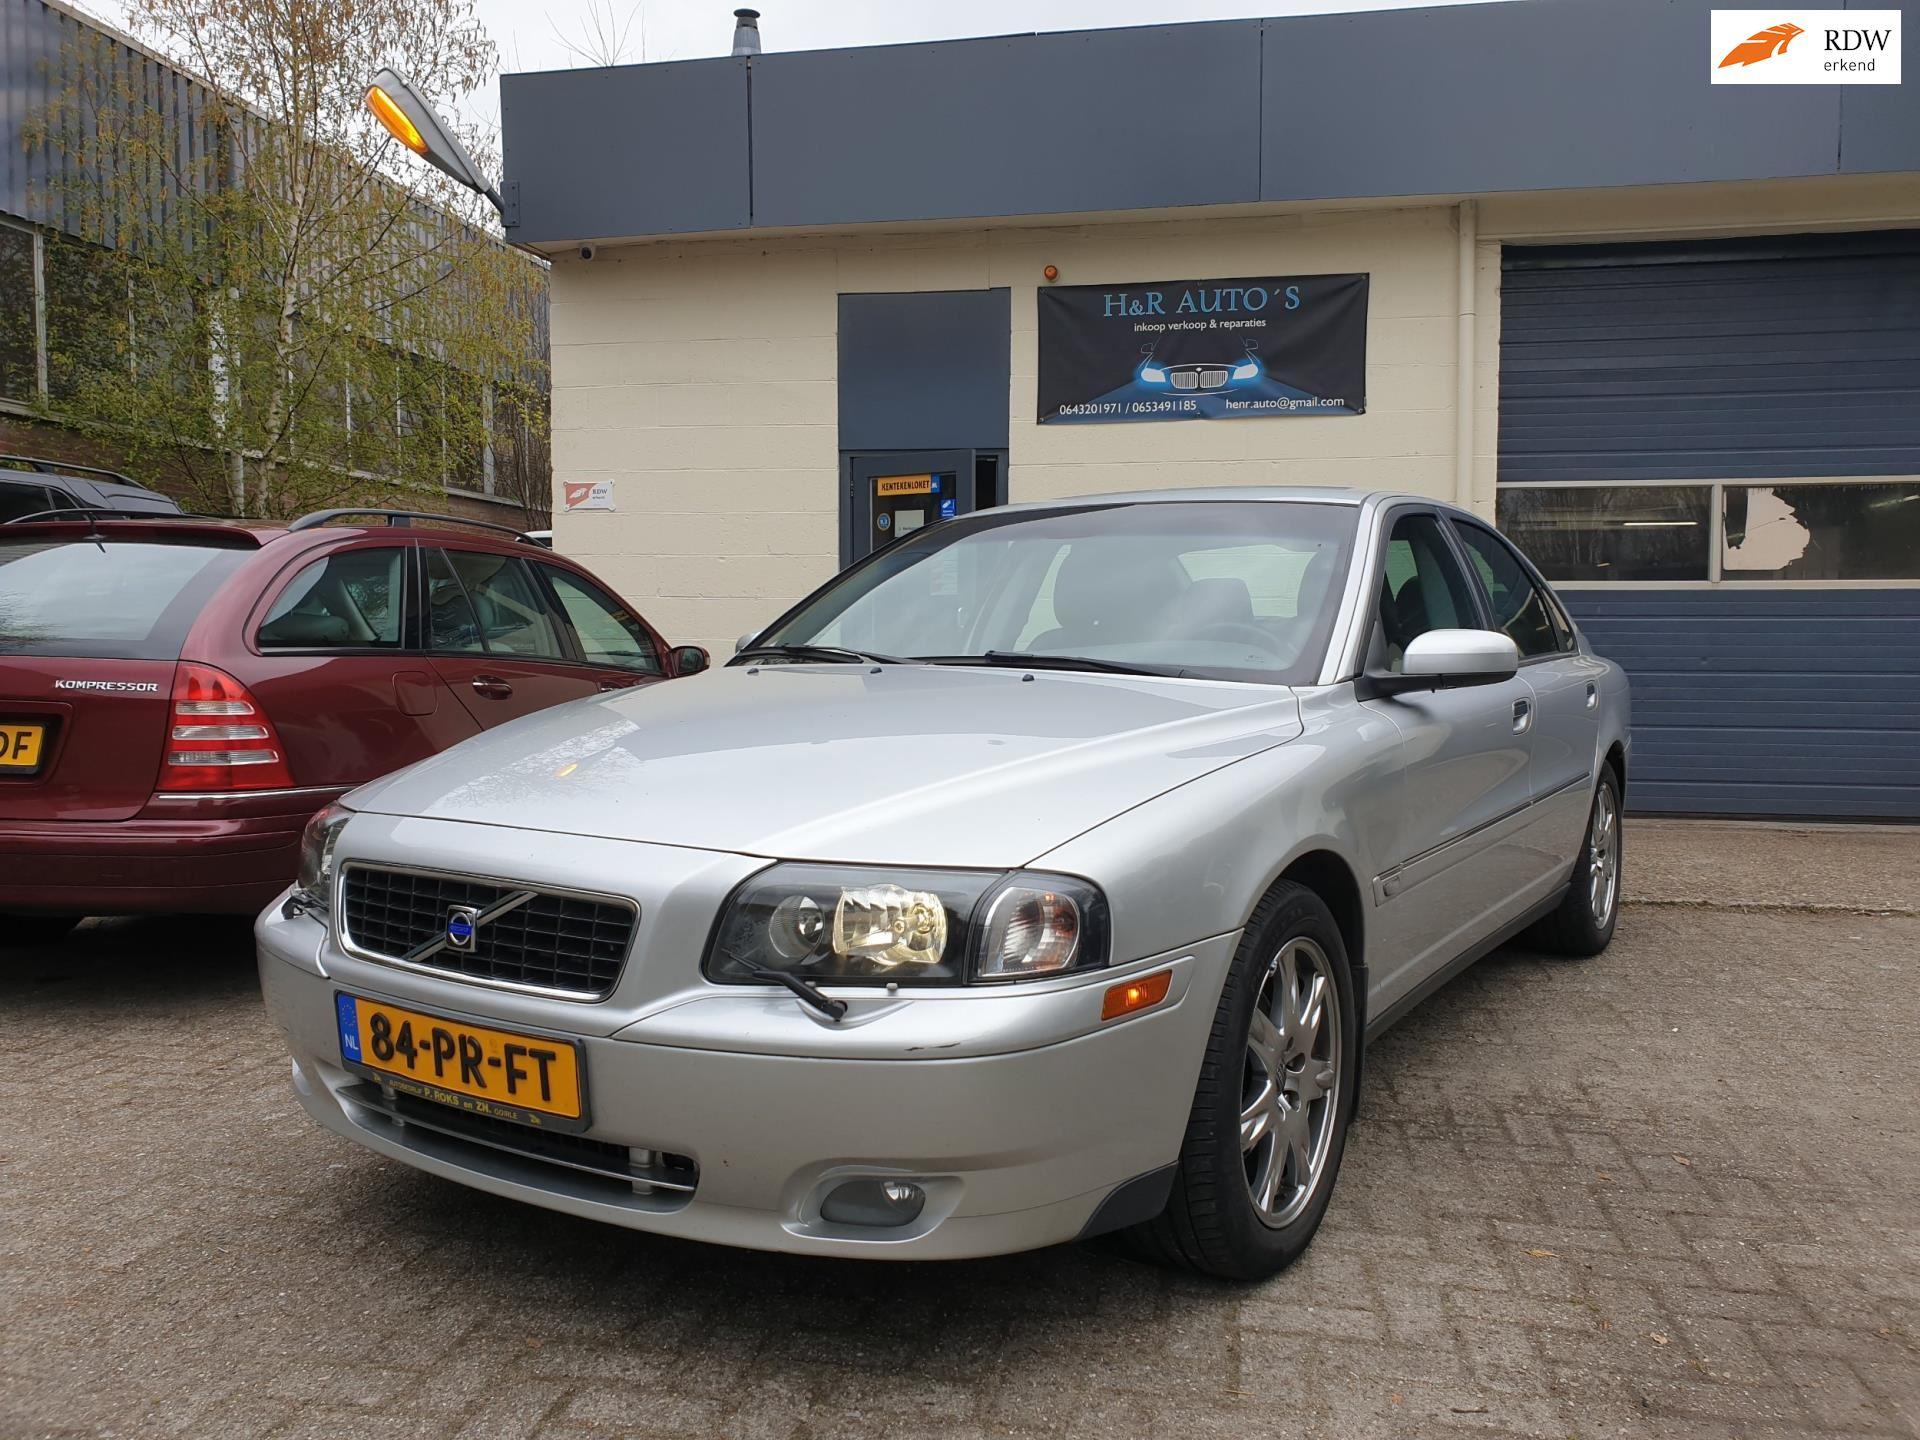 Volvo S80 occasion - H&R Auto's